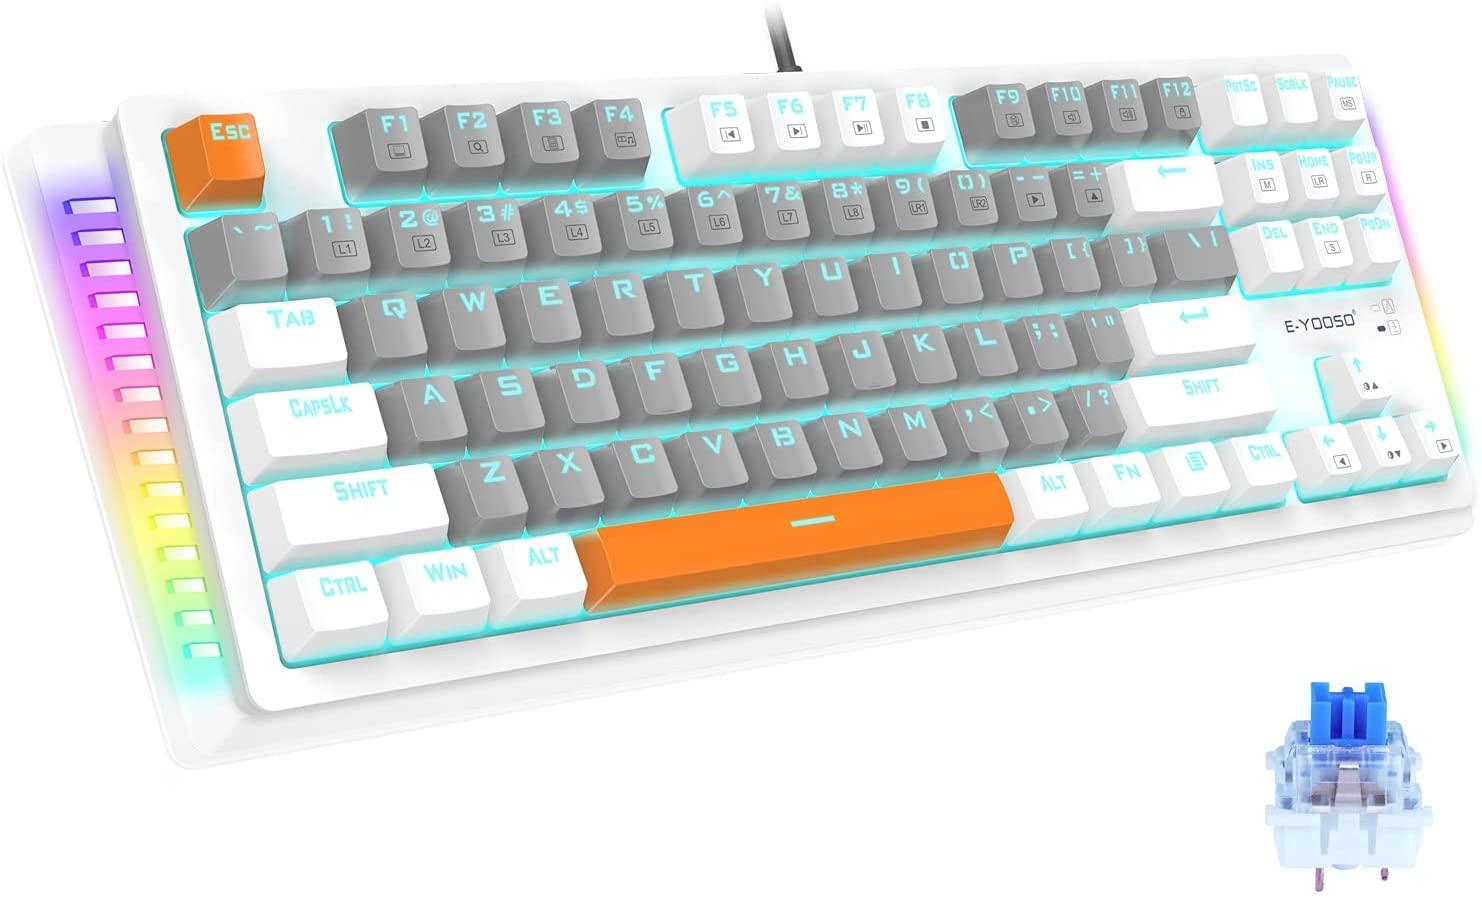 Механическая игровая клавиатура, стандартная Проводная Механическая клавиатура с синими переключателями, игровая клавиатура с 87 клавишам...